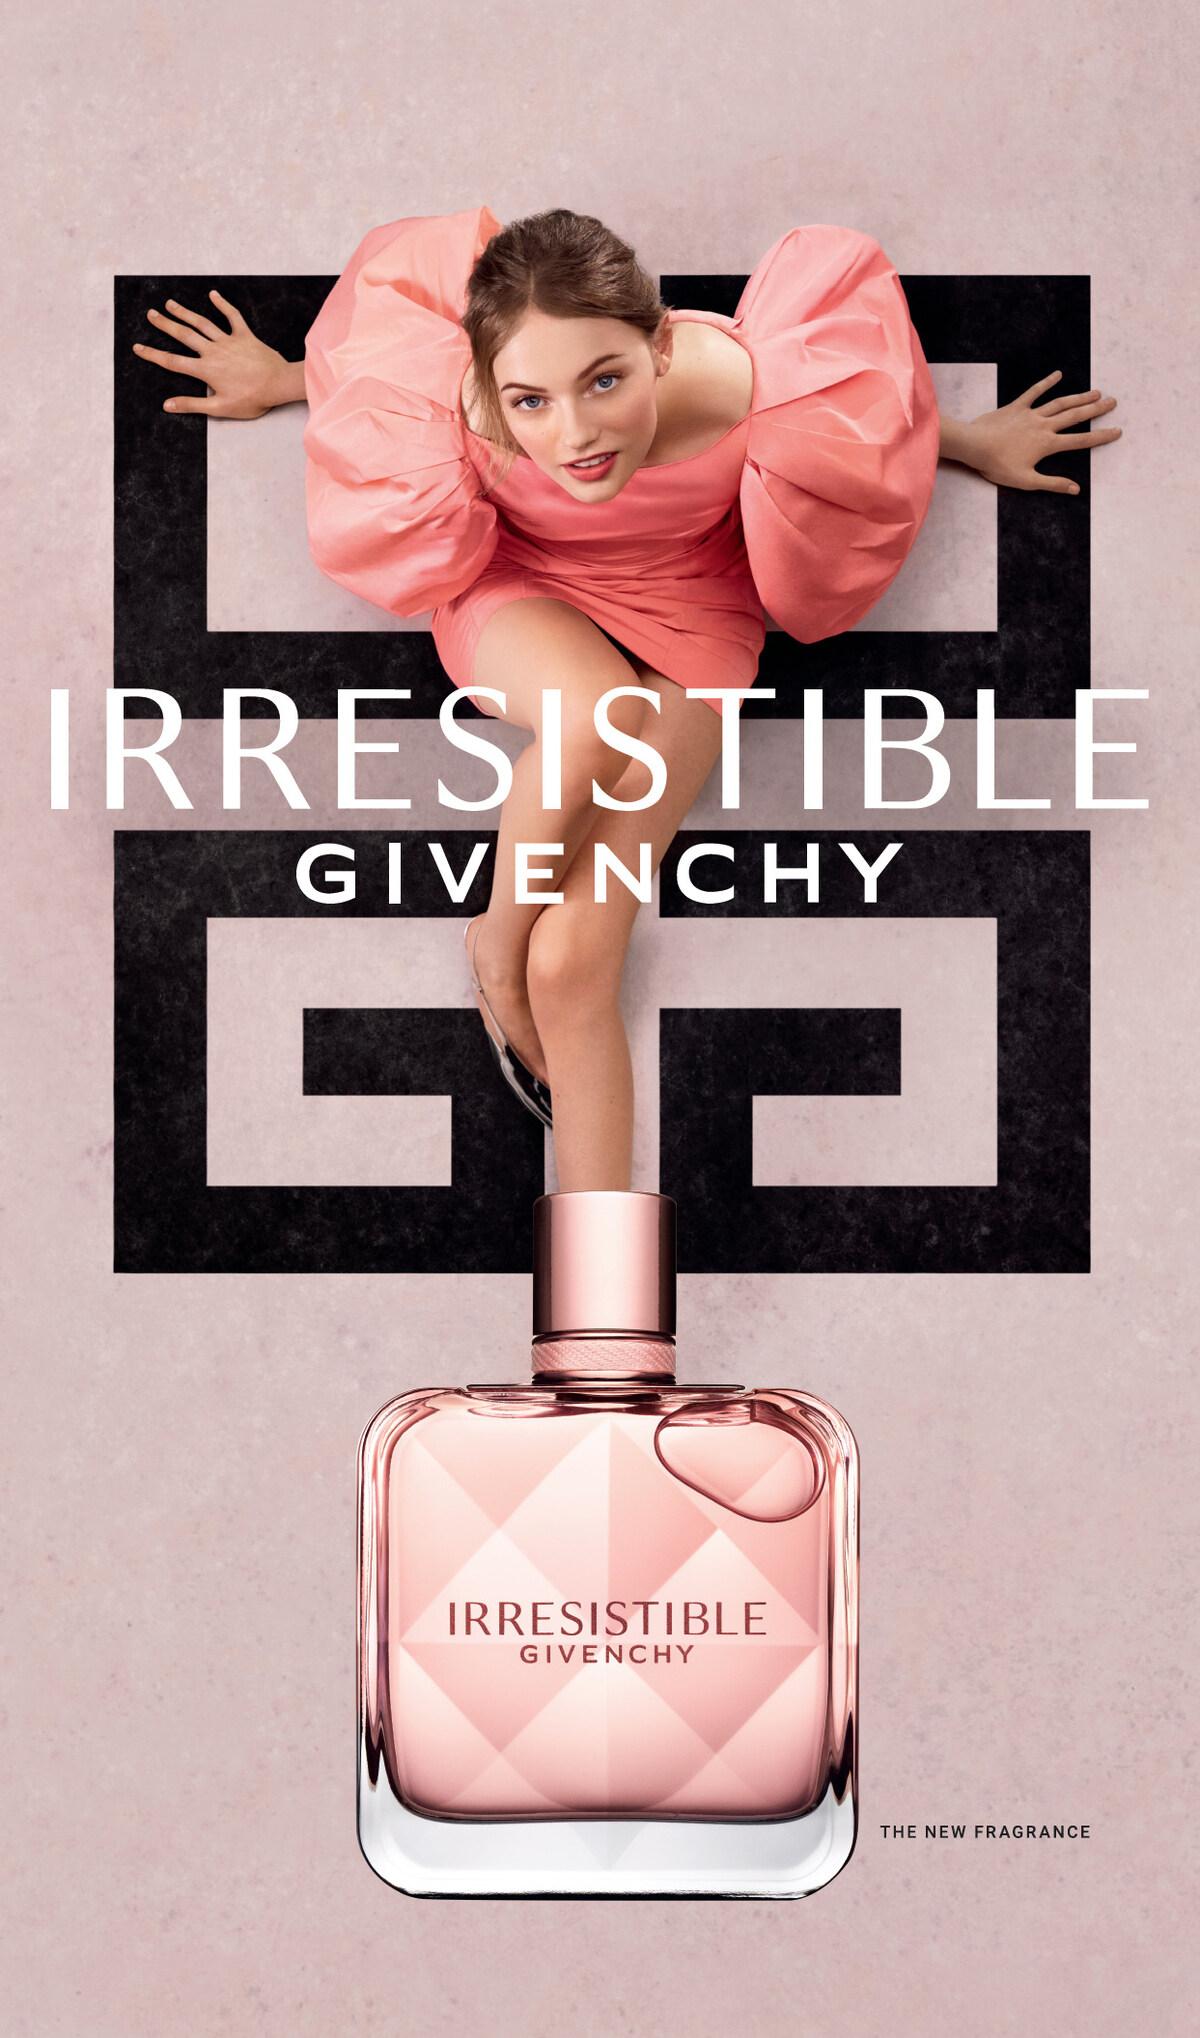 Irrésistible Givenchy von Givenchy Eau de Parfum » Meinungen ...